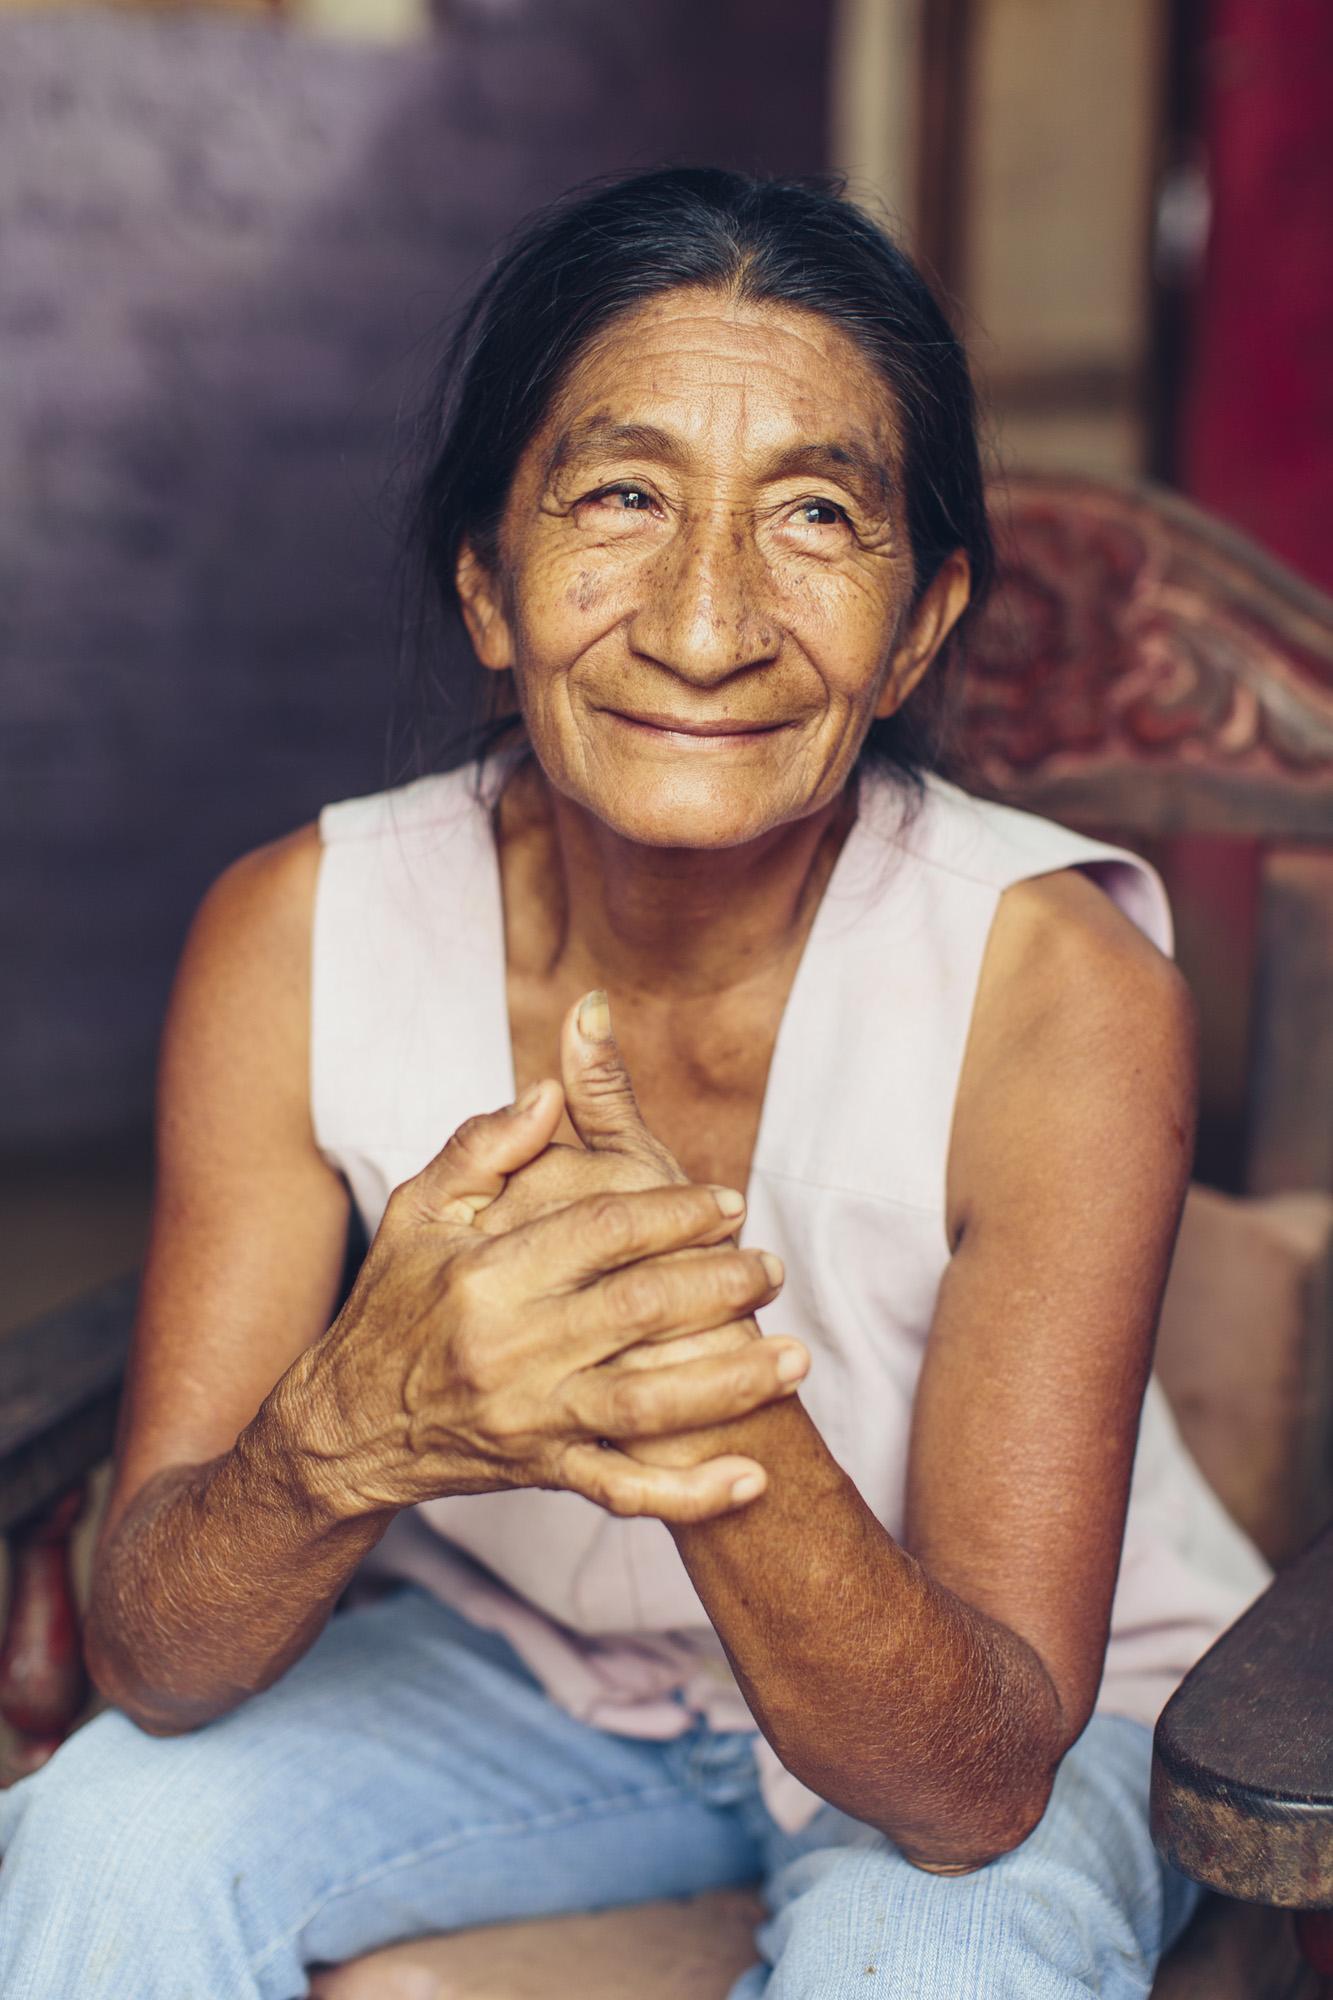 USAID-Peru-_K3_9125.jpg